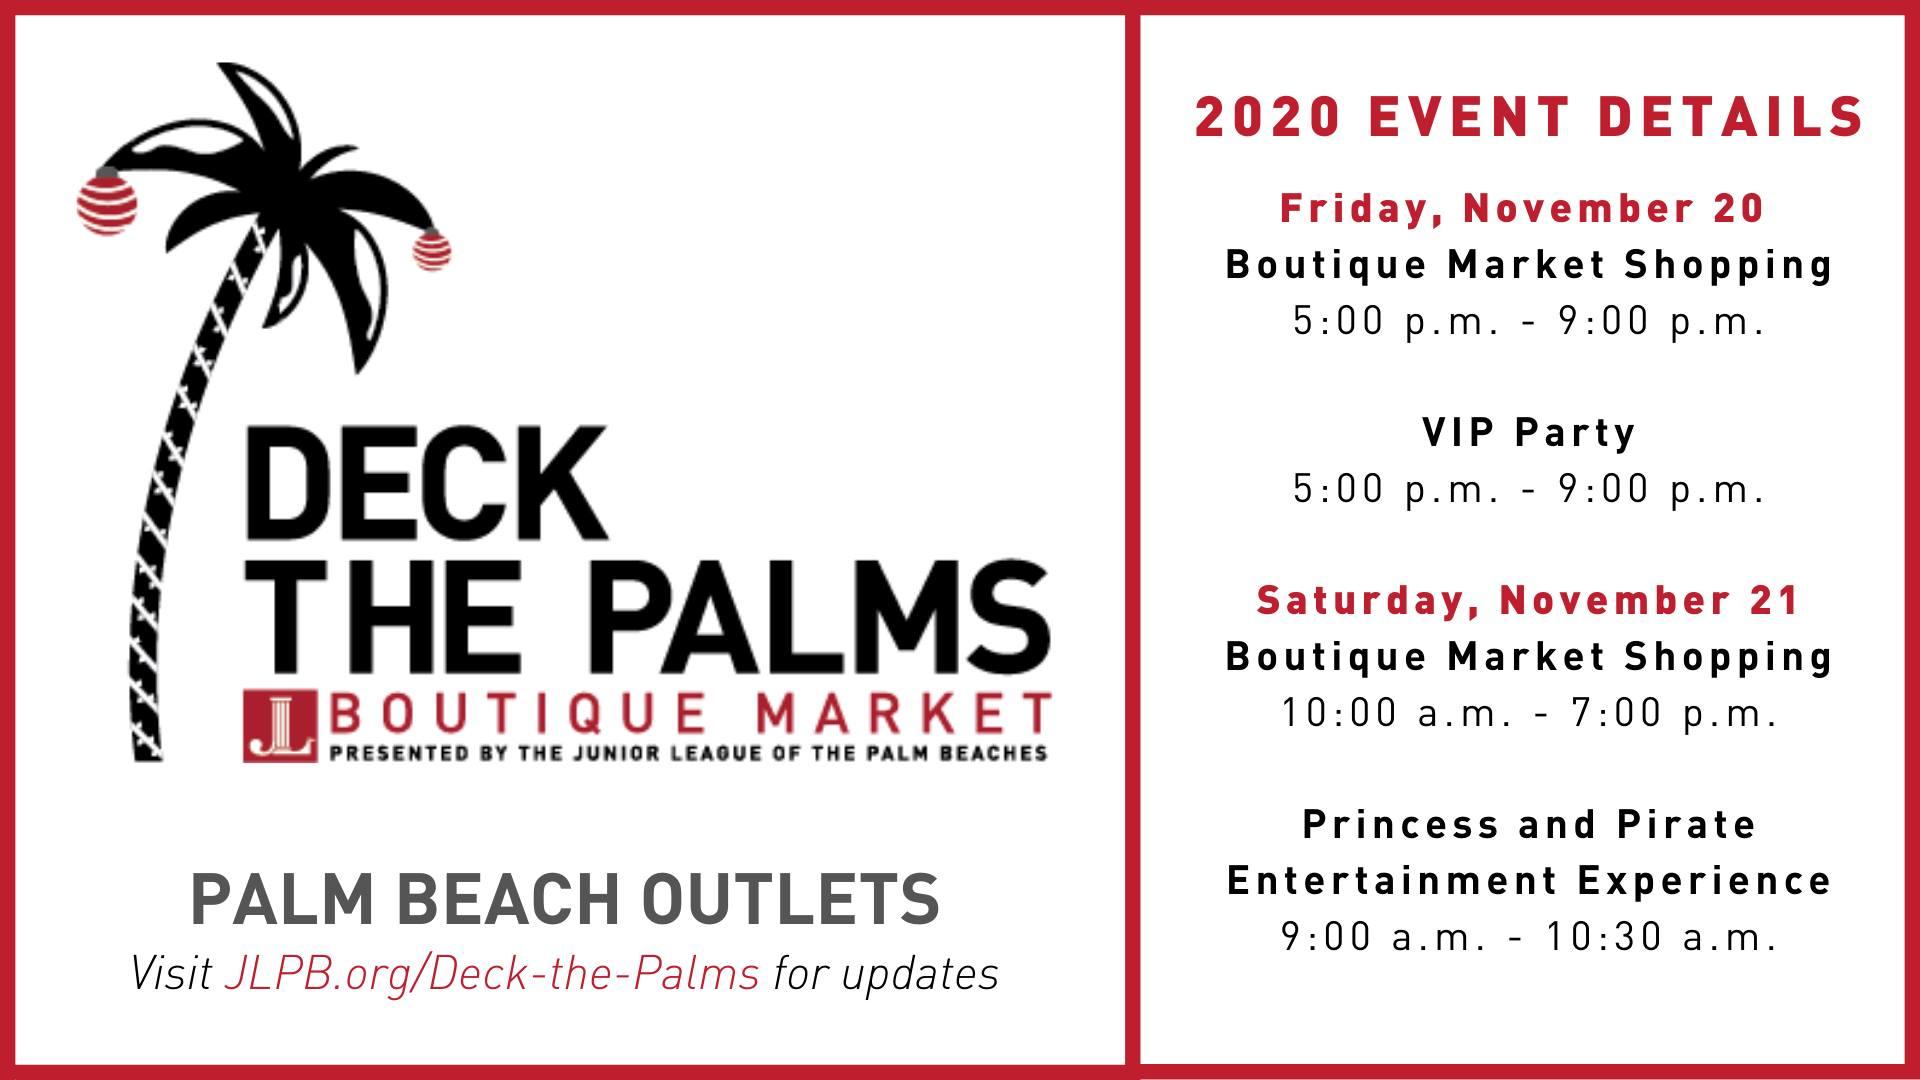 Deck the Palms Boutique Market